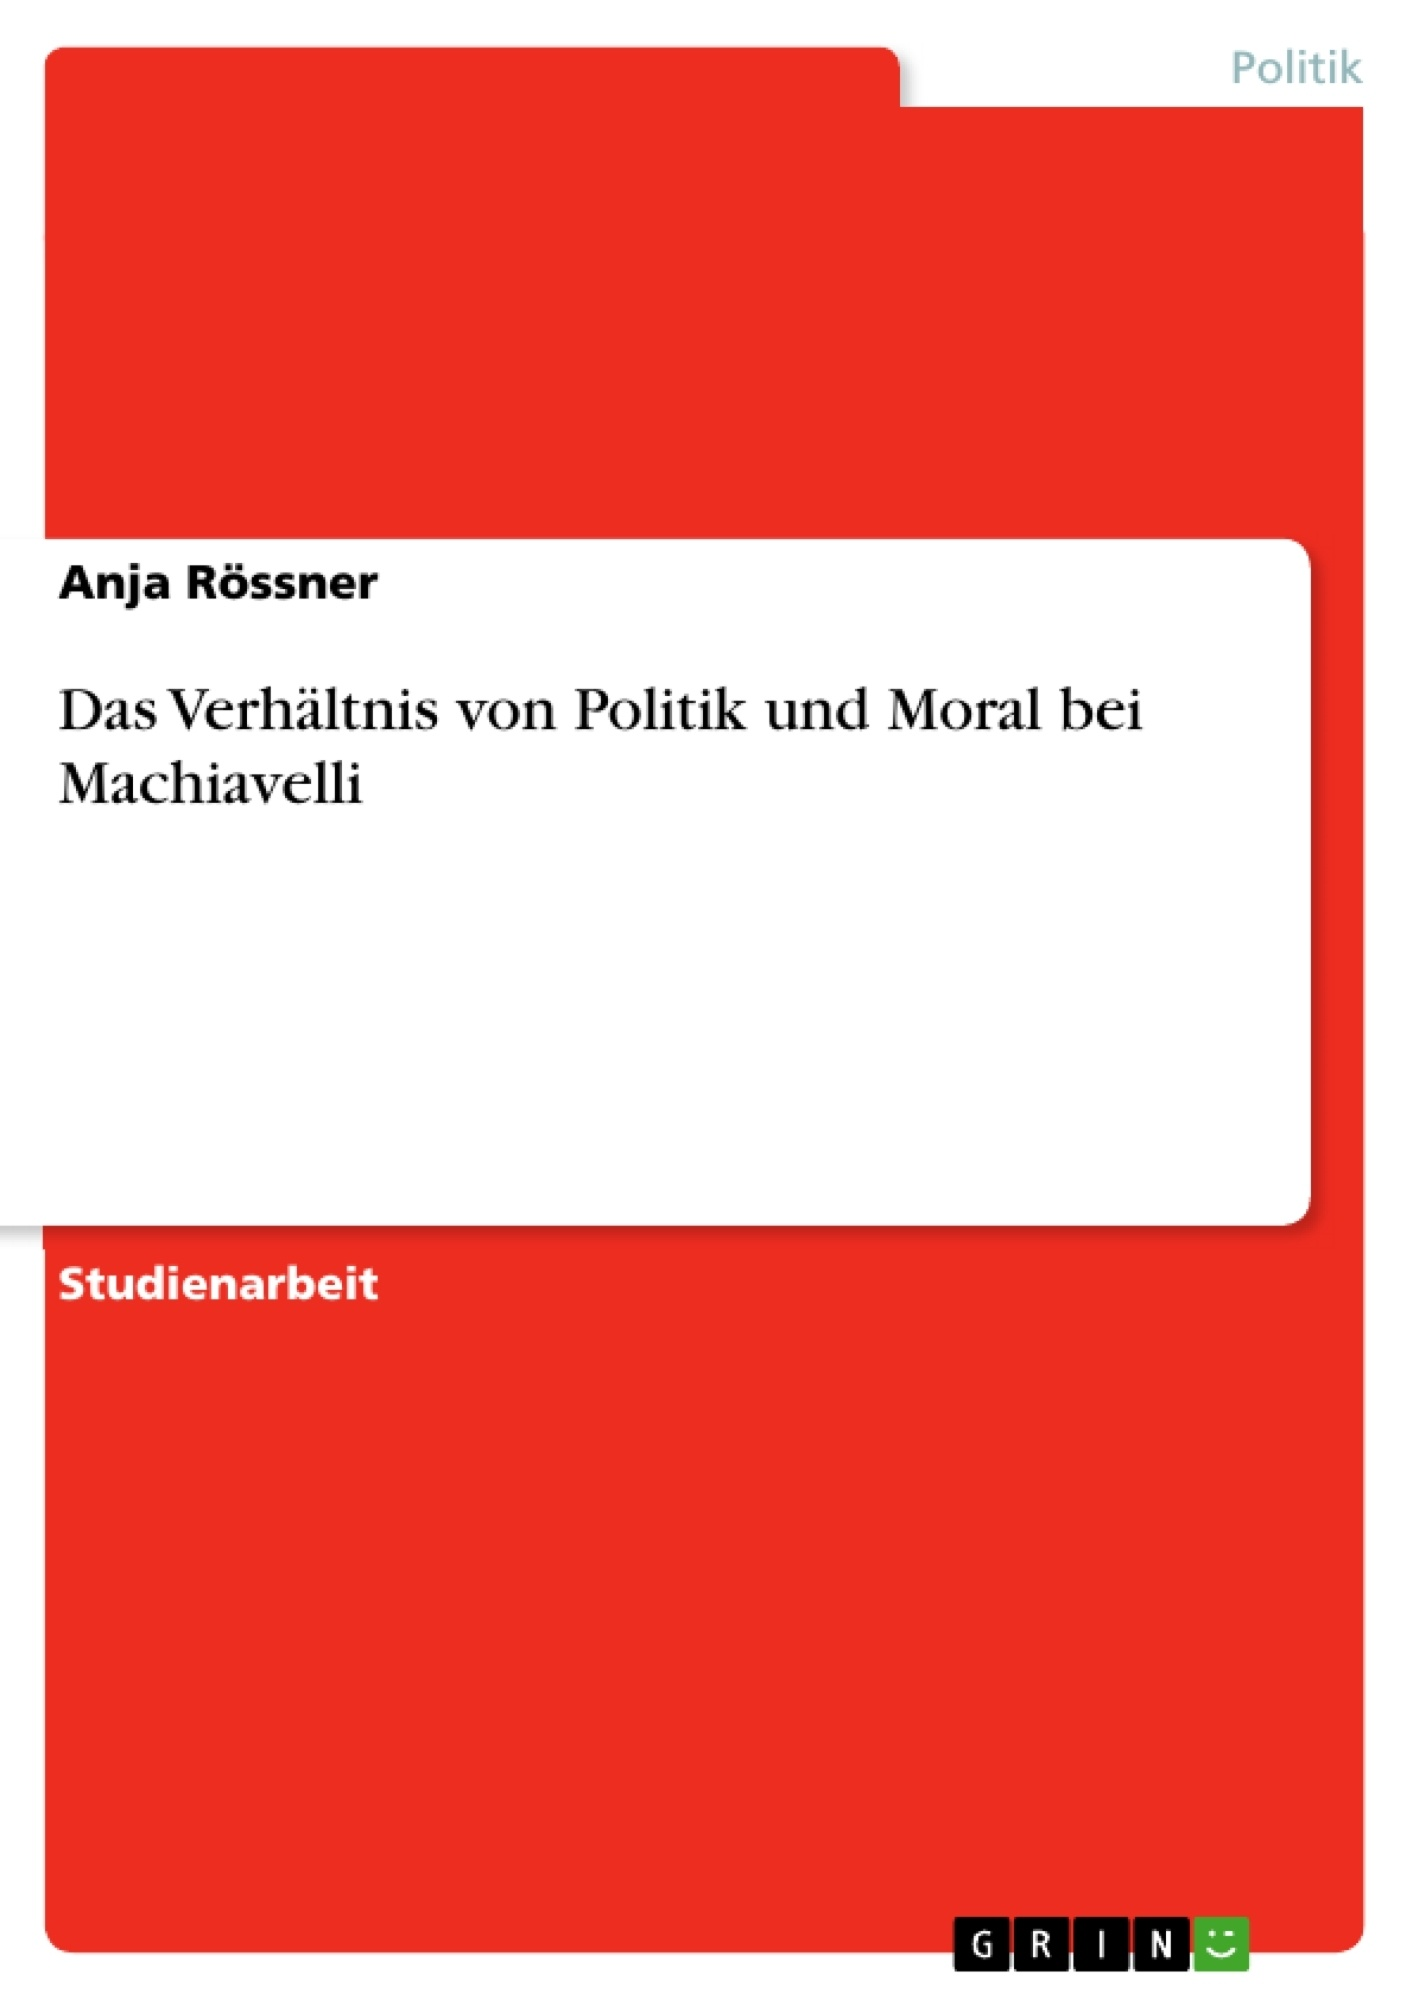 Titel: Das Verhältnis von Politik und Moral bei Machiavelli